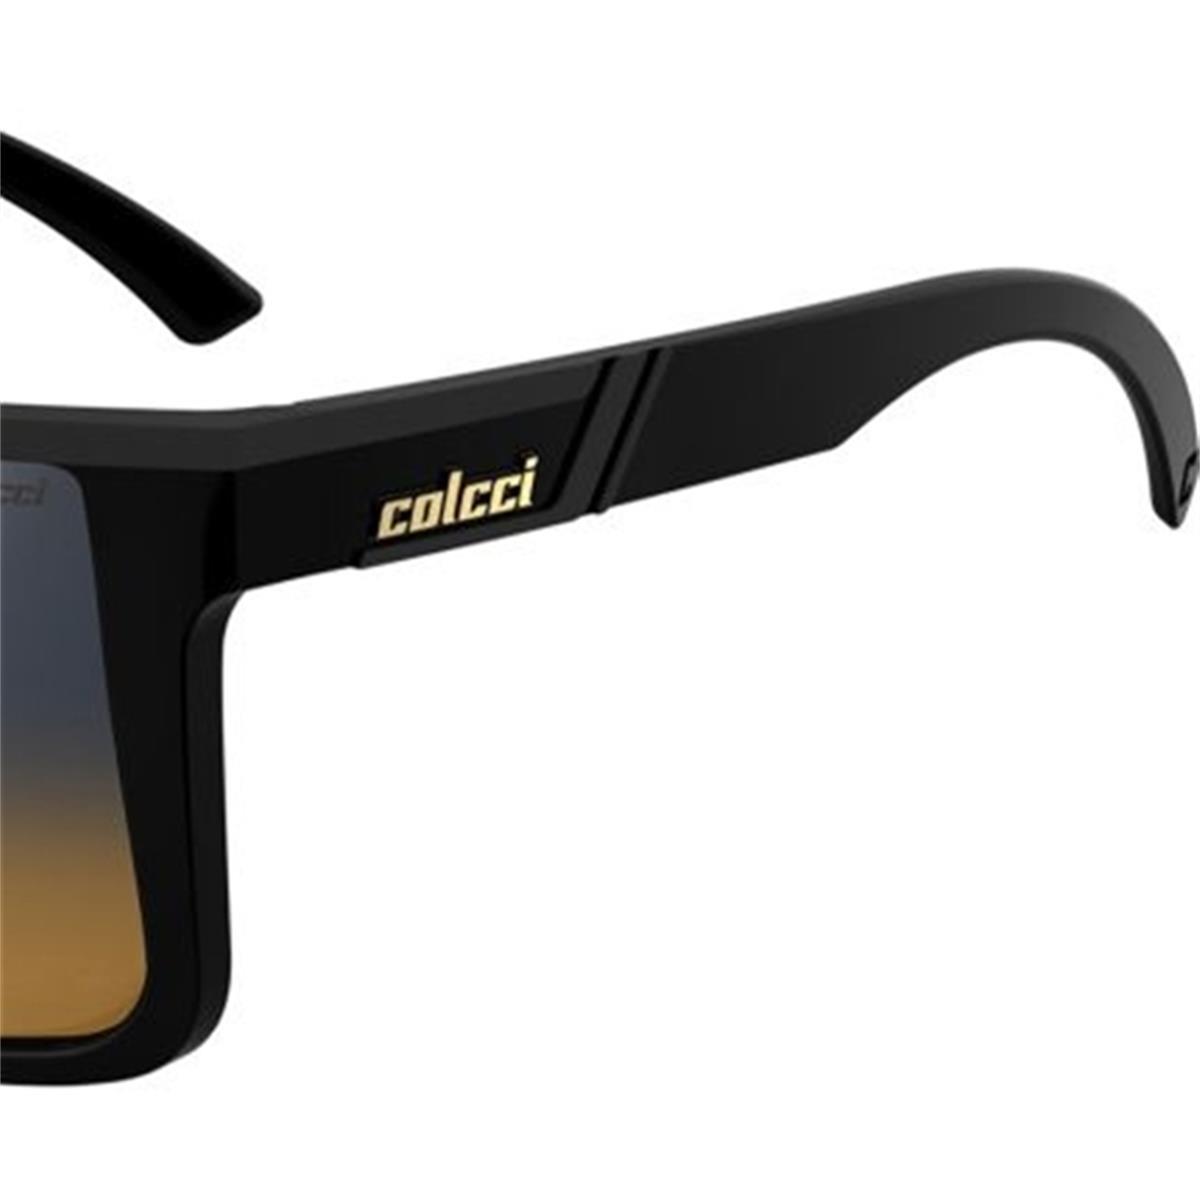 Óculos de Sol Garnet Preto Lente Bicolor 5012 Colcci 53a805024a